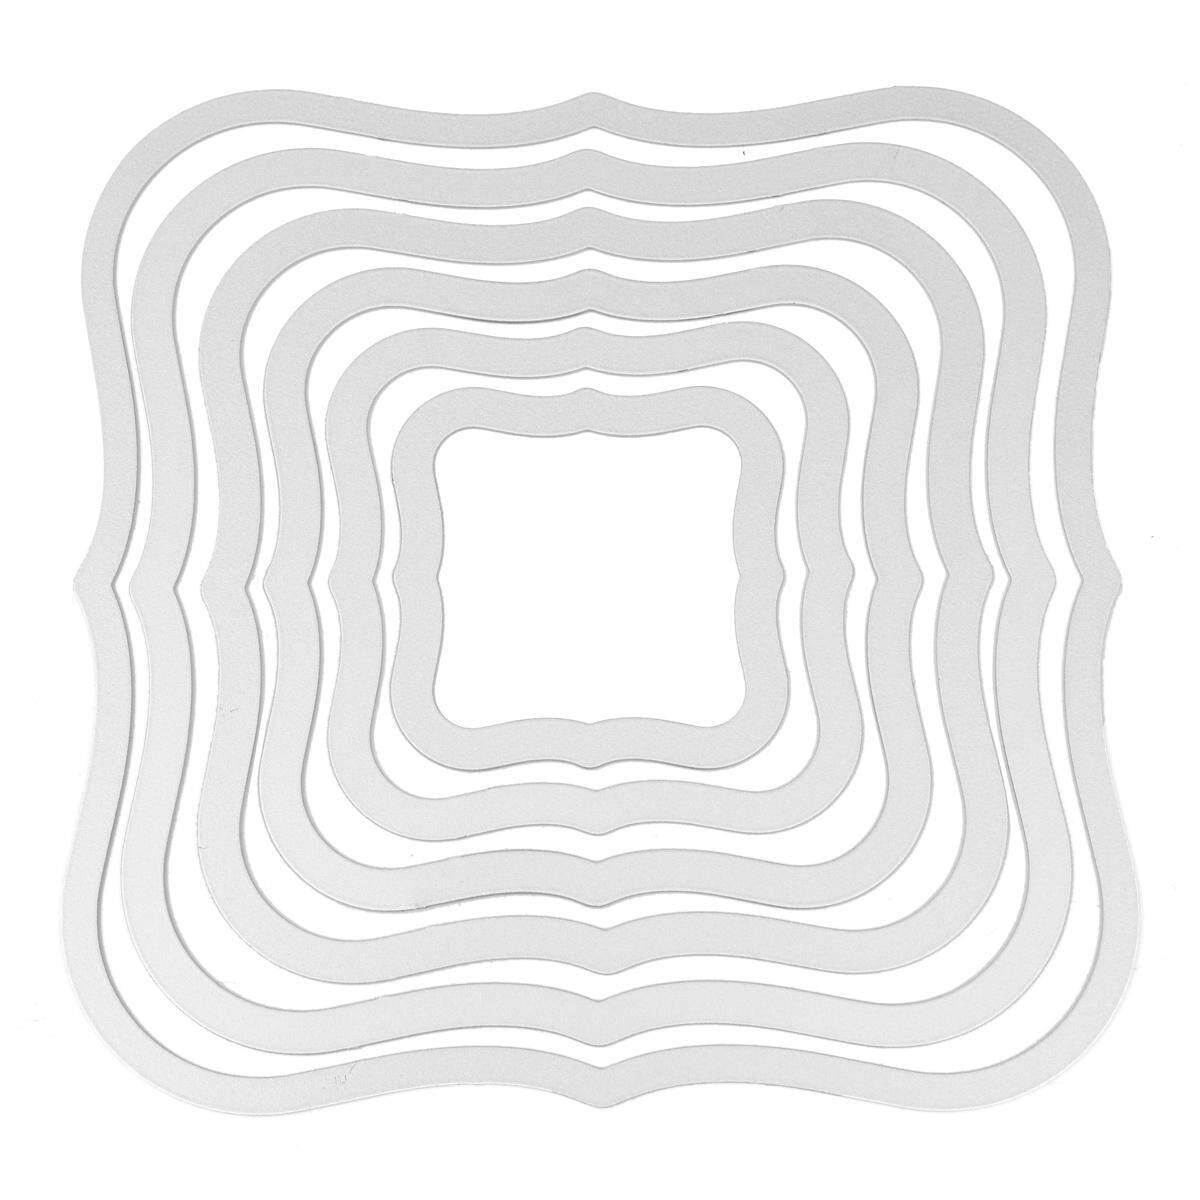 Cutting Dies Stencil Scrapbooking Emboss Album Card Craft By Audew.